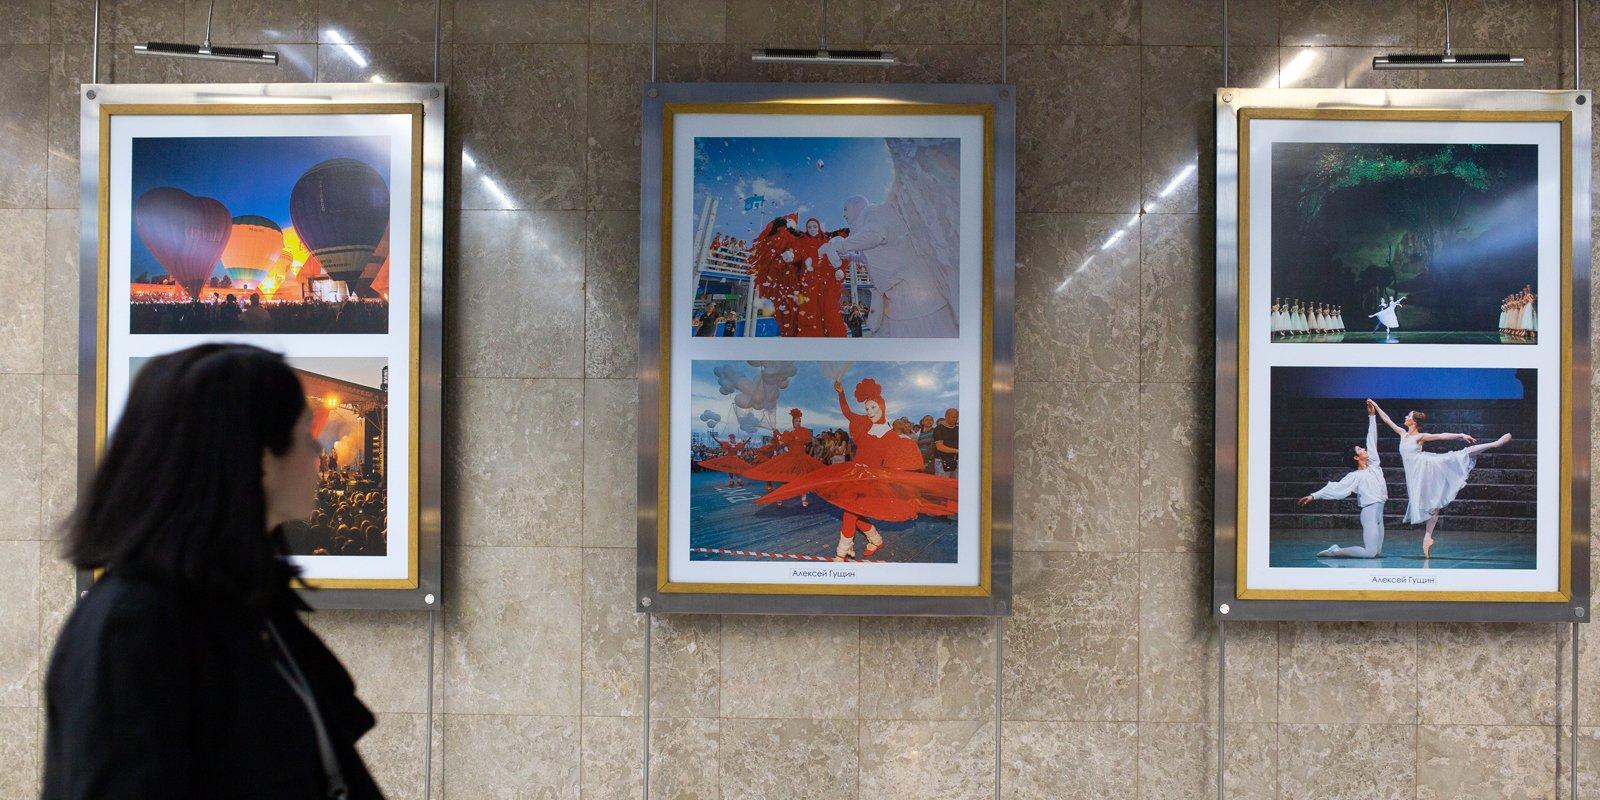 Победителей городского фотоконкурса «Планета Москва» определят сами москвичи. Фото: сайт мэра Москвы